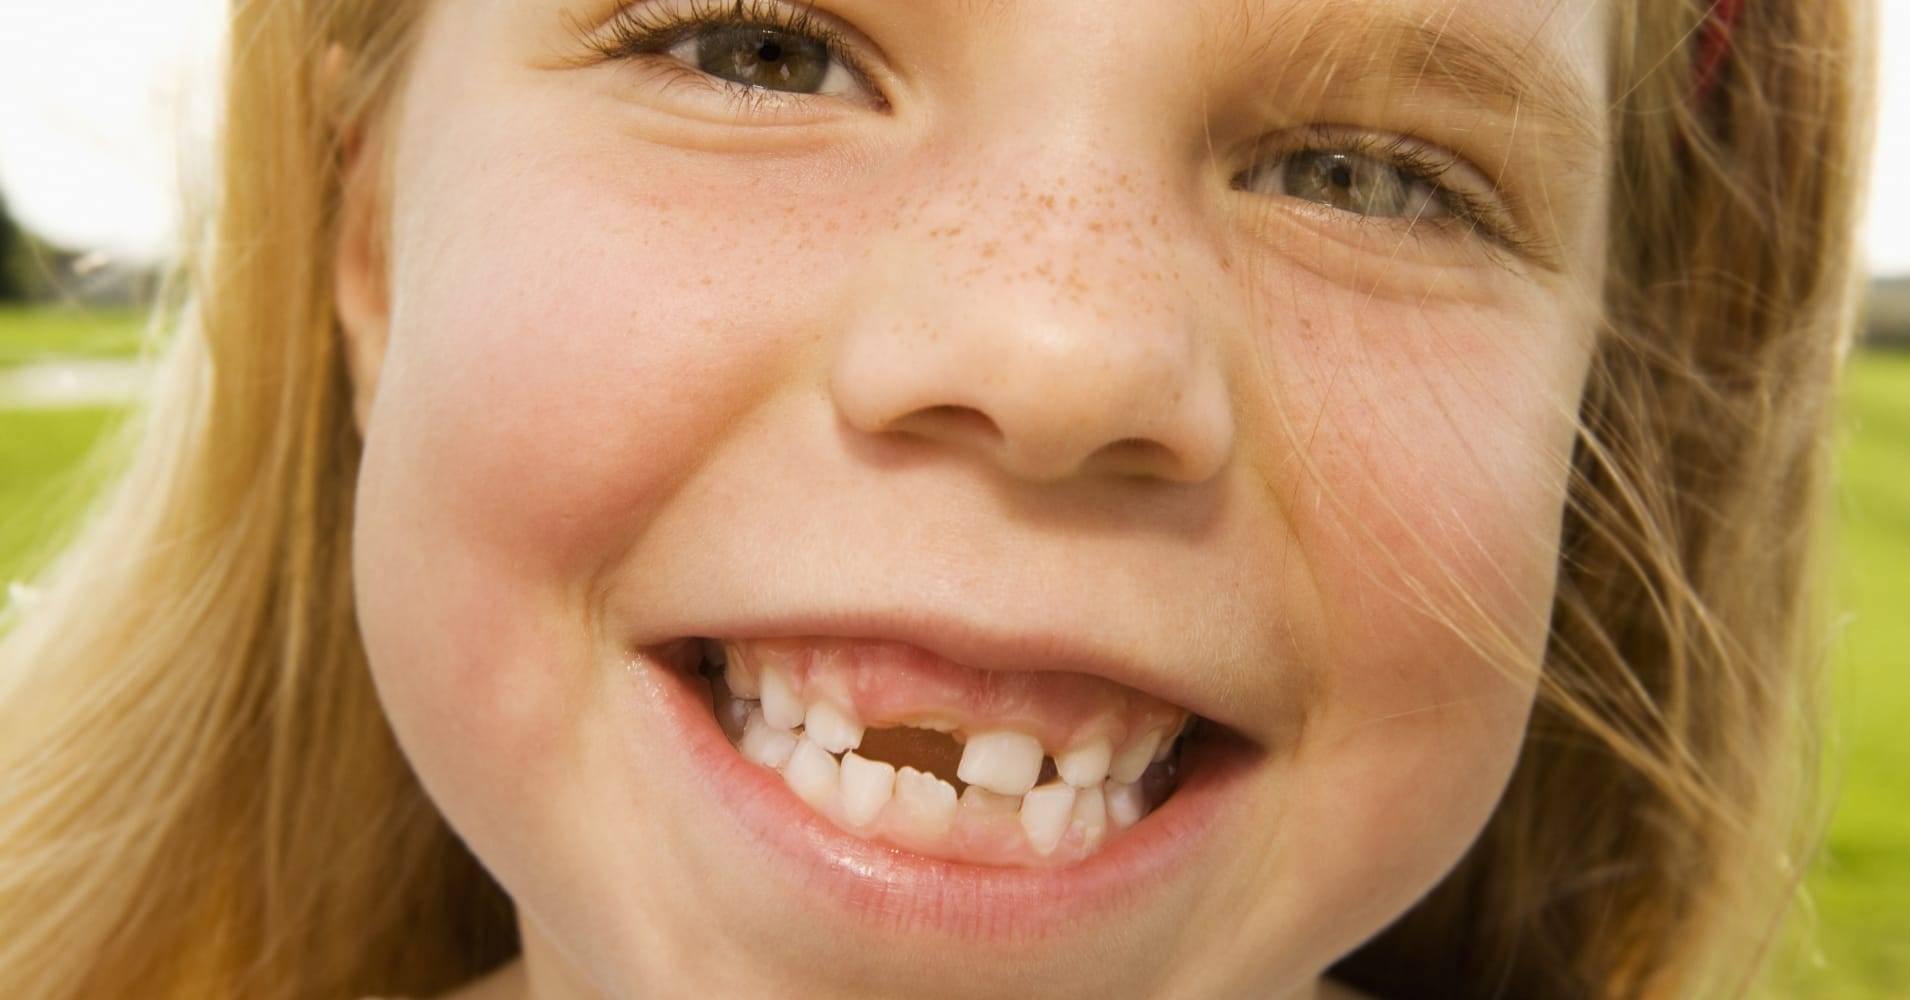 Постоянный зуб растет за молочным — что делать?